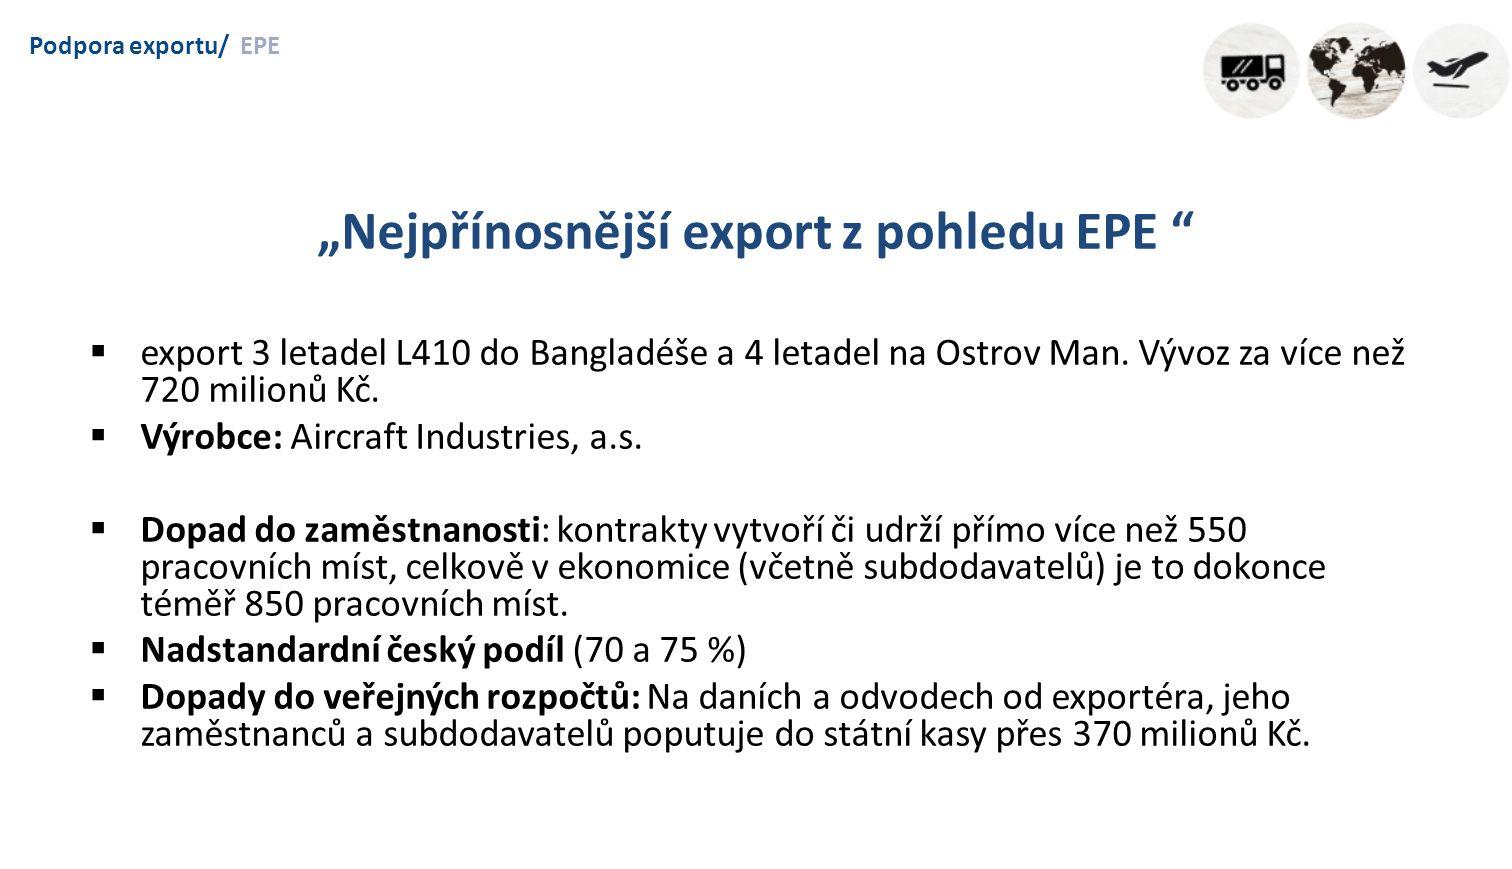 """Podpora exportu/EPE """"Nejpřínosnější export z pohledu EPE  export 3 letadel L410 do Bangladéše a 4 letadel na Ostrov Man."""